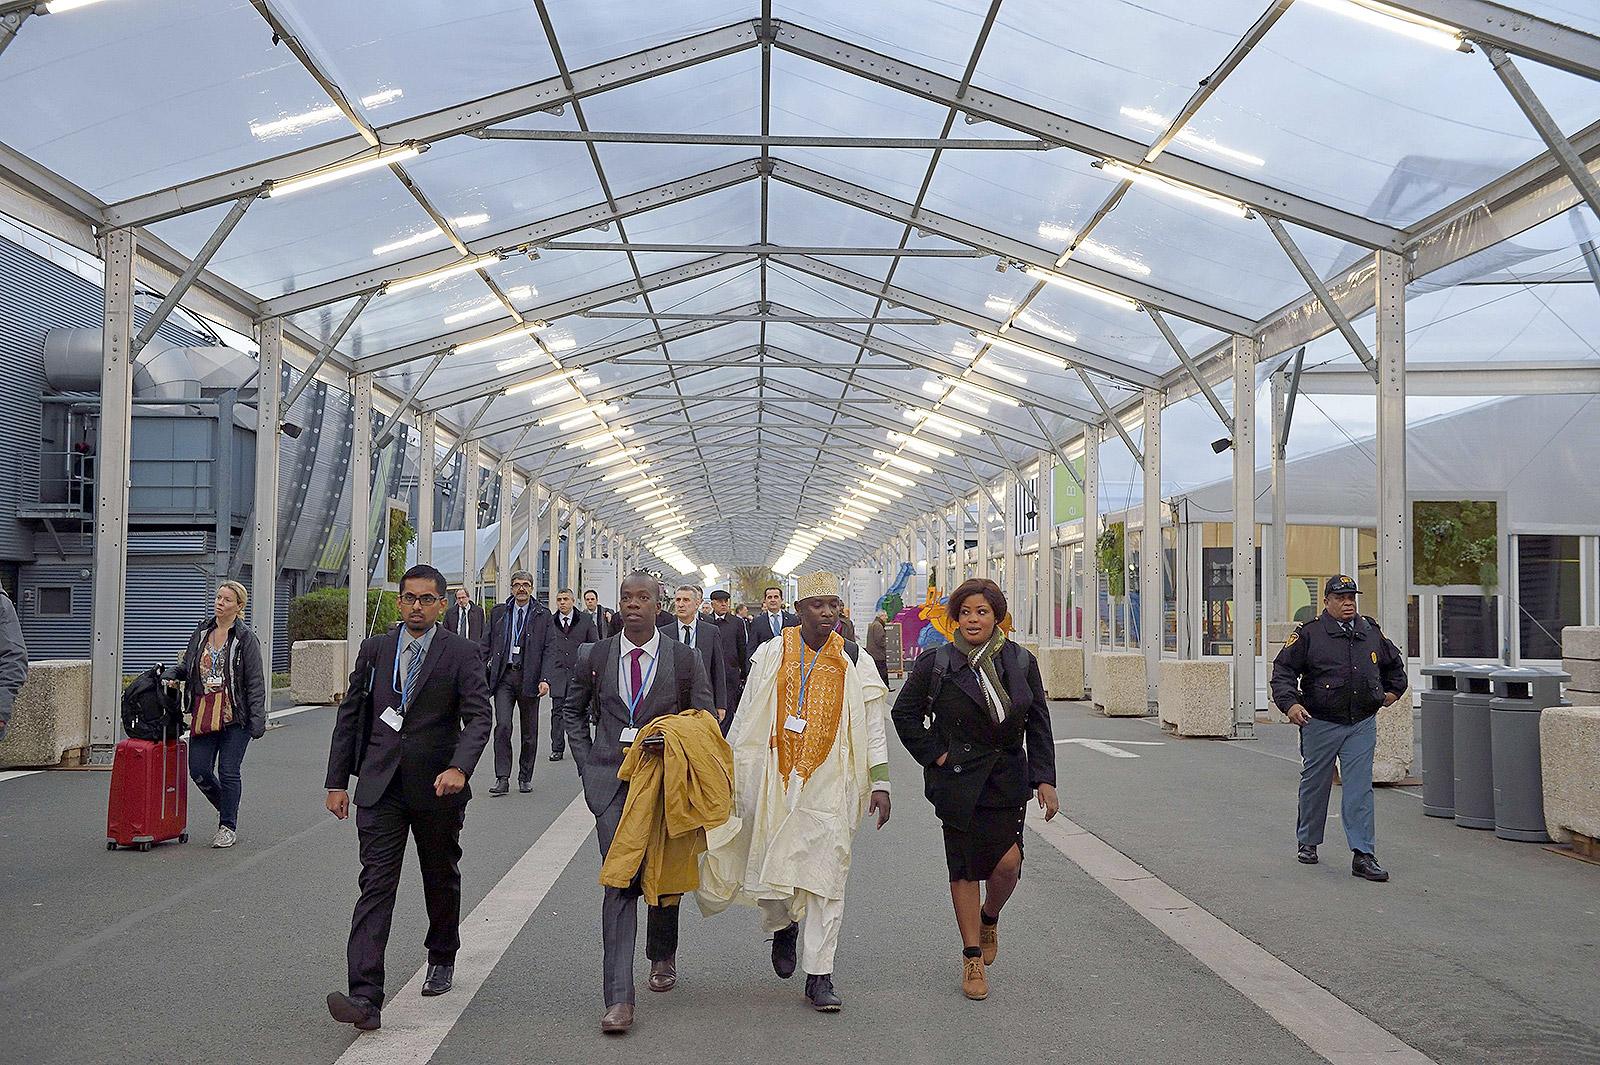 مدعوين يصلون لقمة المناخ التي تبدأ اليوم الاثنين 30 نوفمبر 2015 في باريس (ا ف ب)